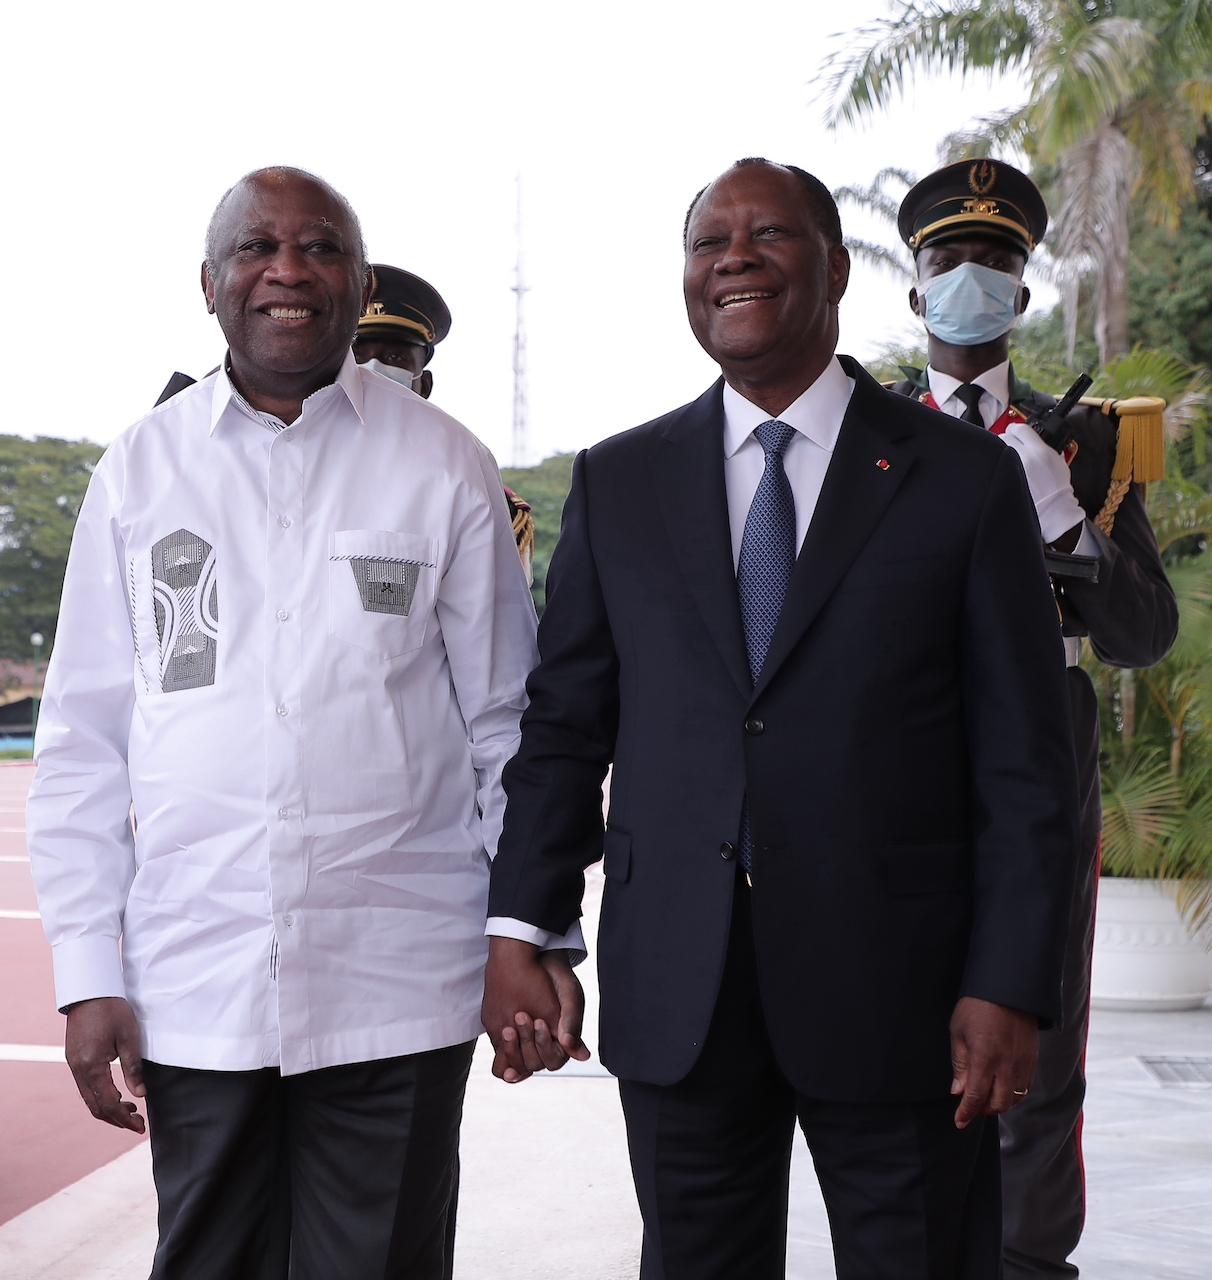 الرئيس الإيفواري الحسن واتارا والرئيس الأسبق لوران غباغبو